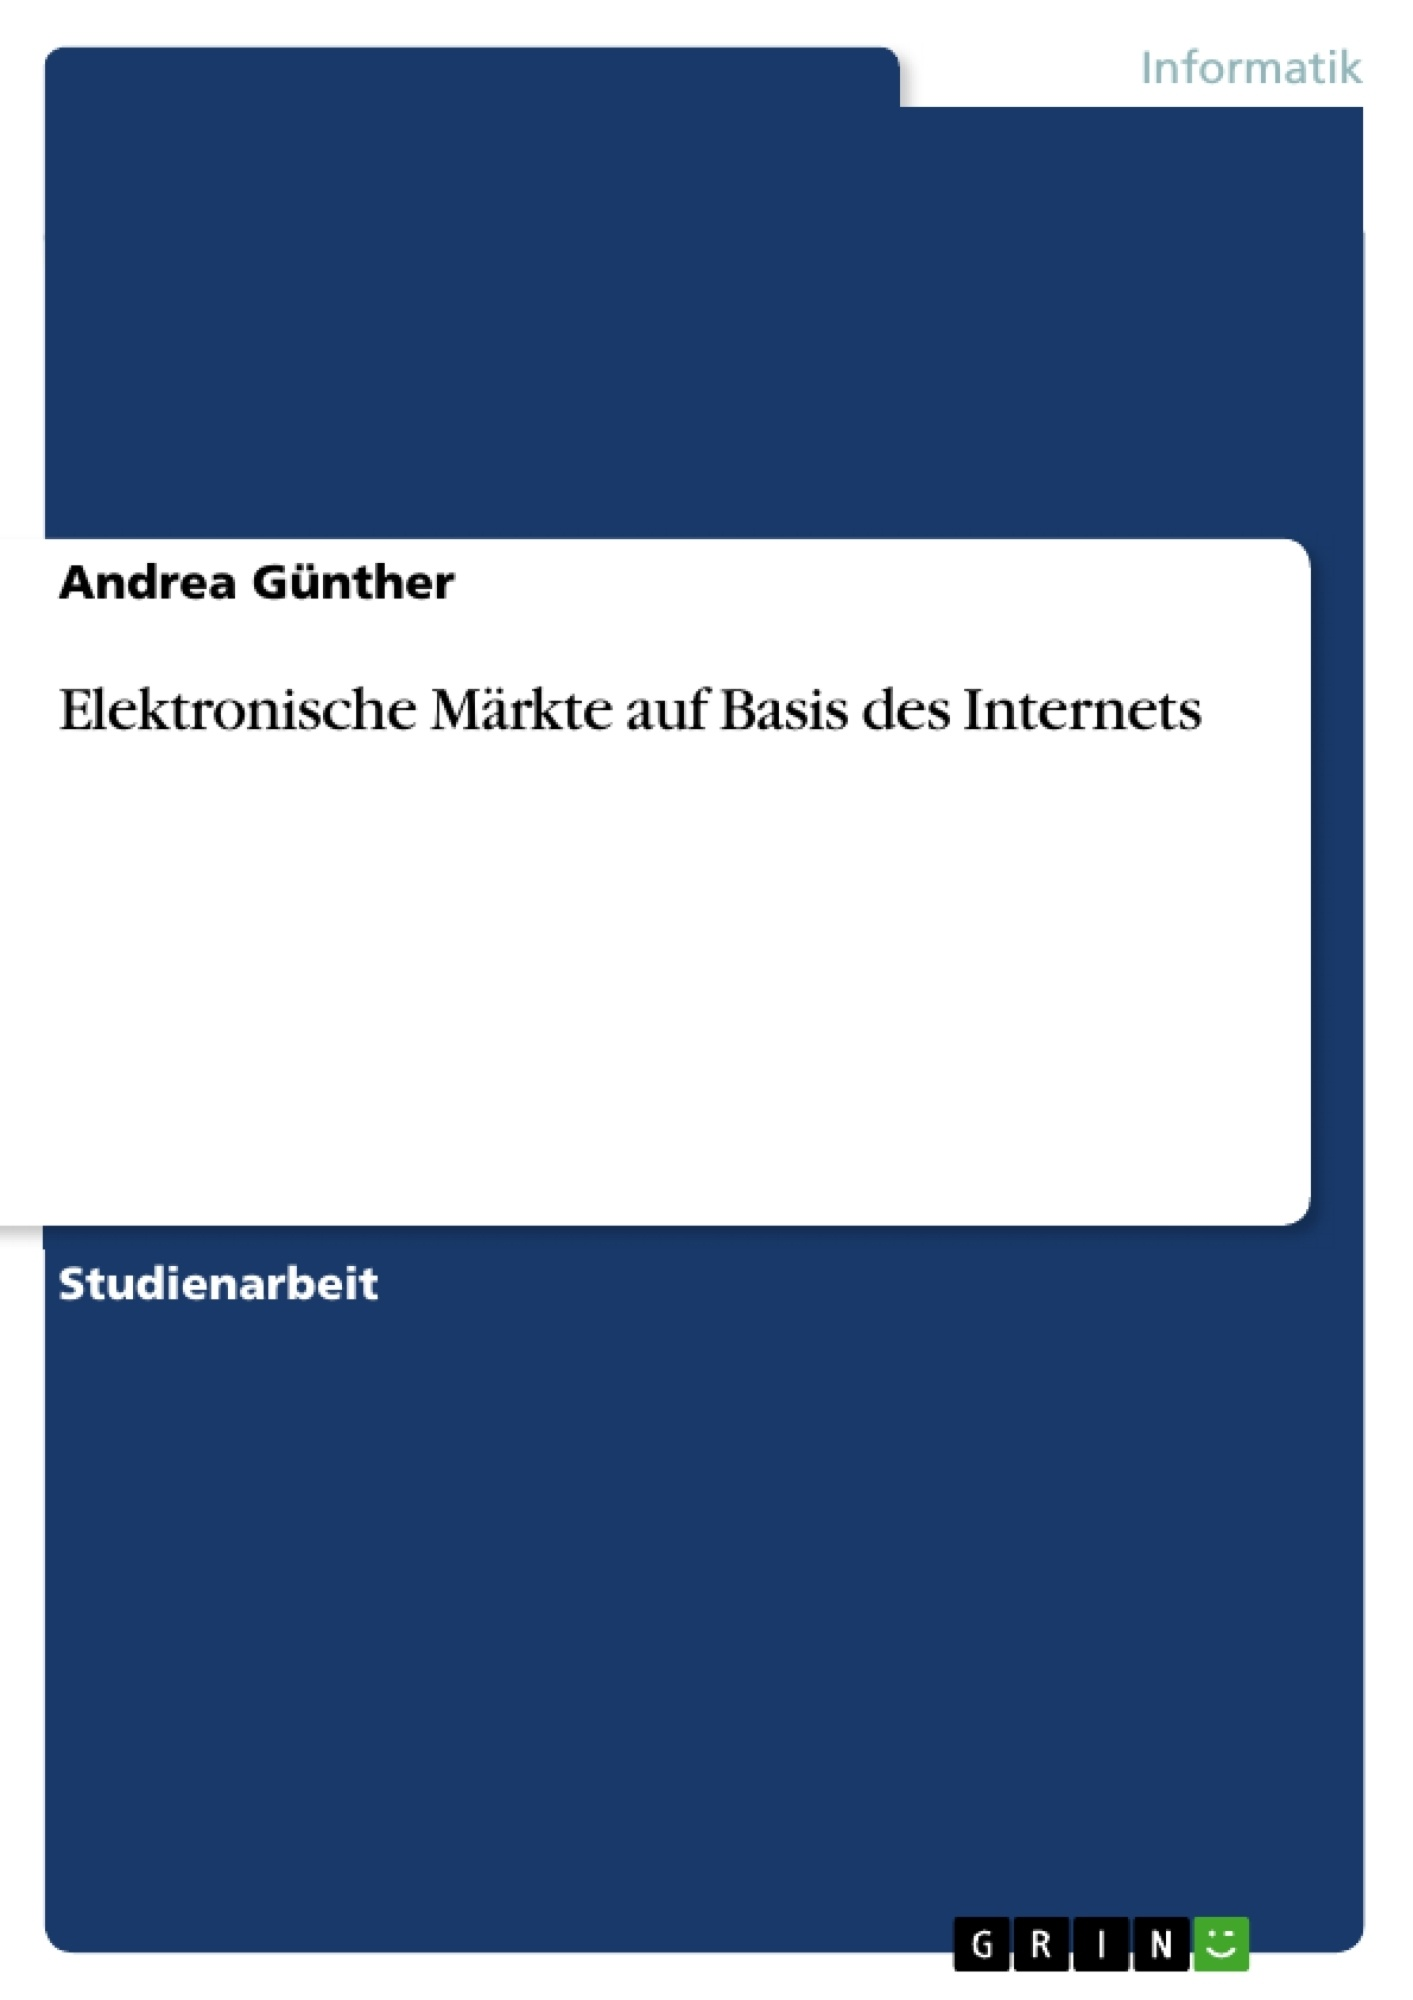 Titel: Elektronische Märkte auf Basis des Internets